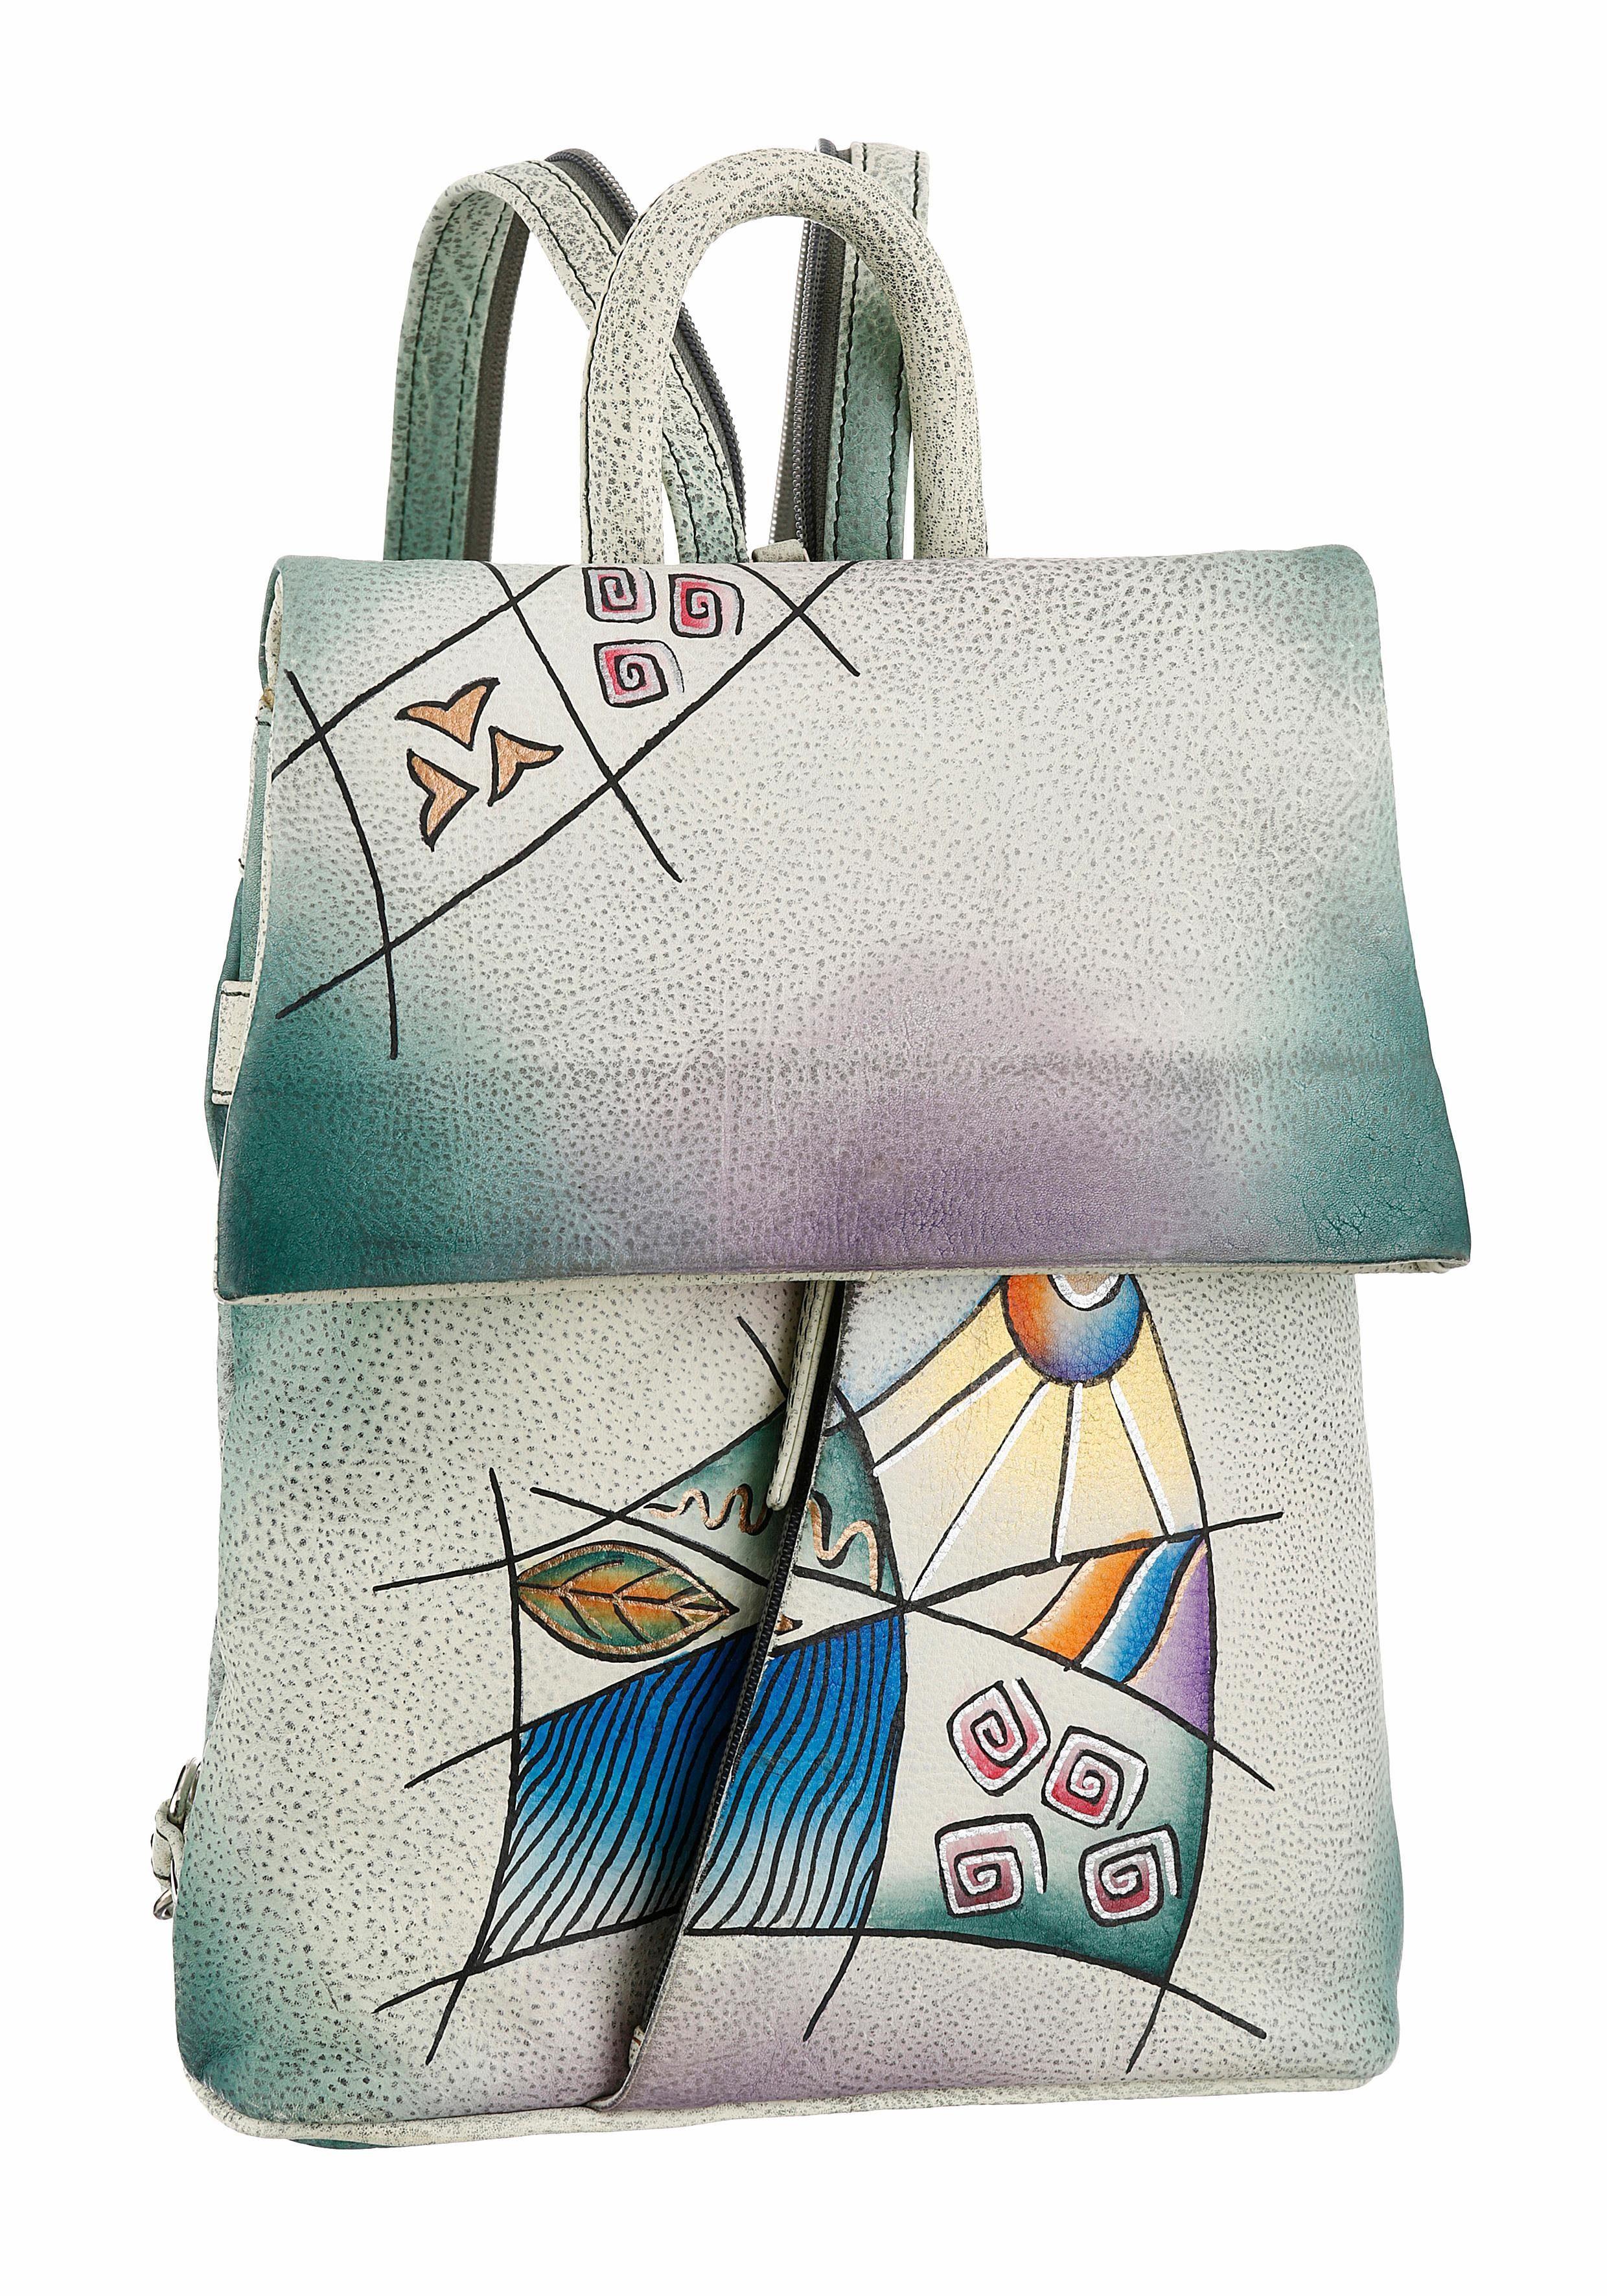 Art & Craft Cityrucksack, aus Leder mit praktischer Einteilung